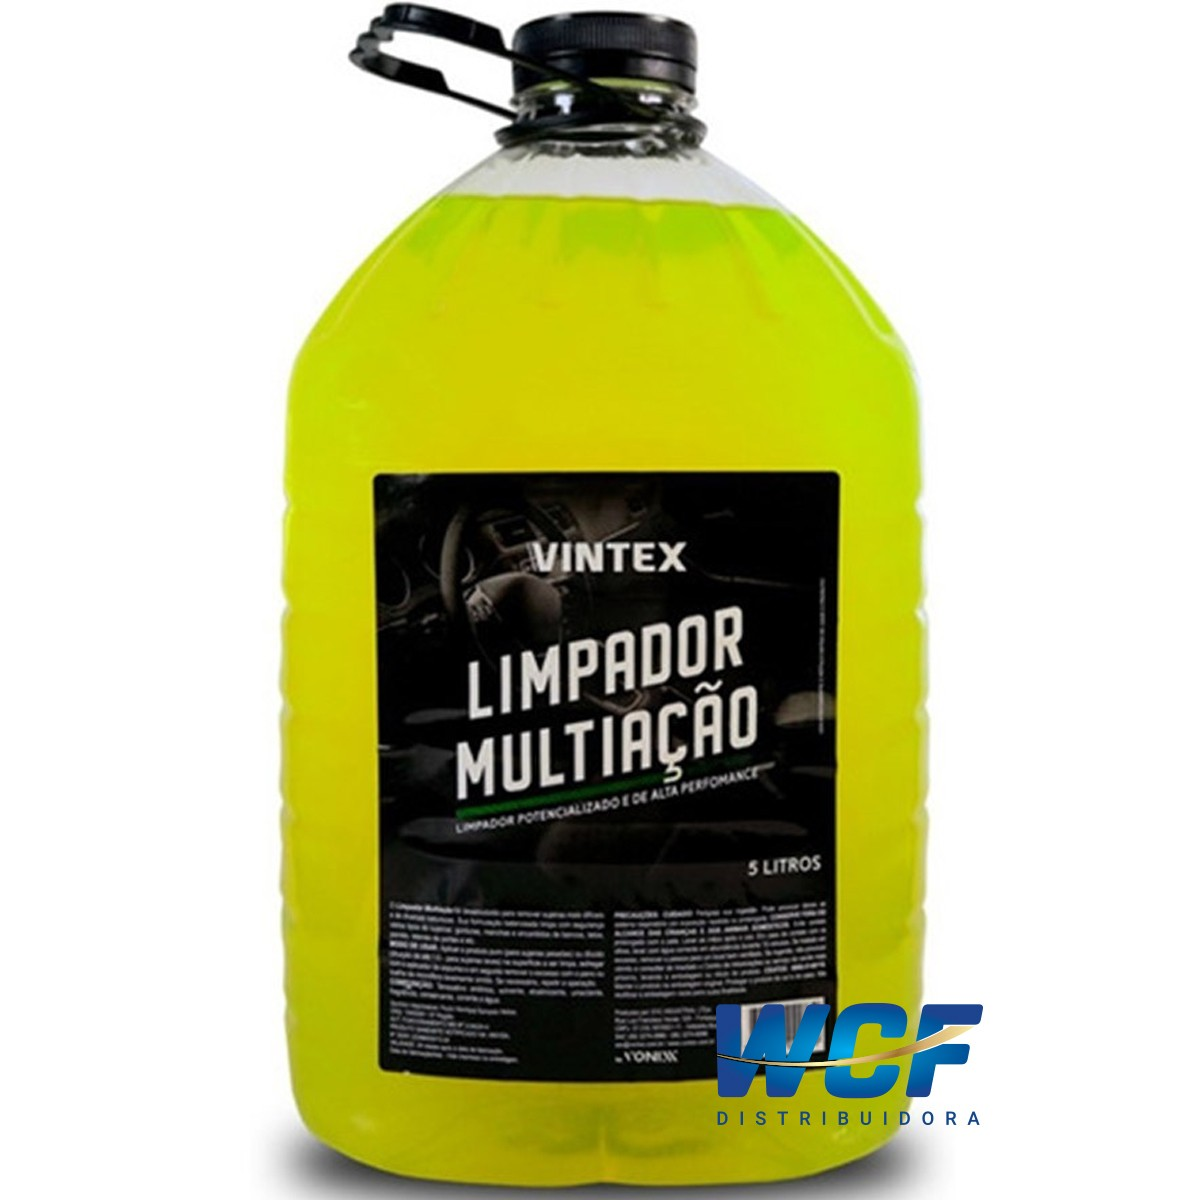 VONIXX LIMPADOR MULTIACAO 5 LITROS